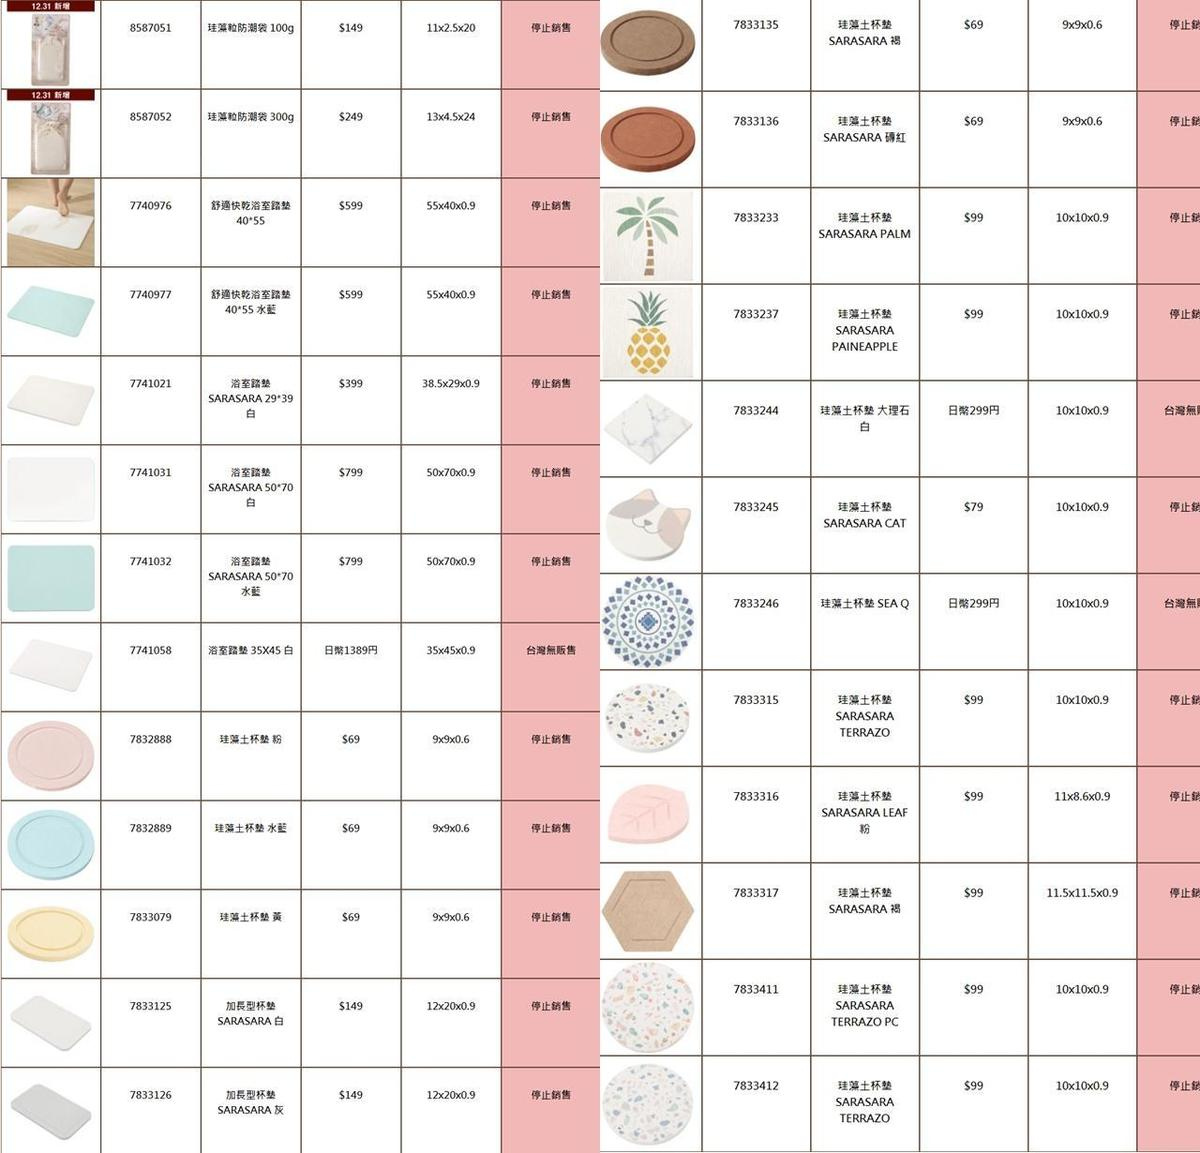 含超標石棉商品一覽表。(翻攝自宜得利官網)